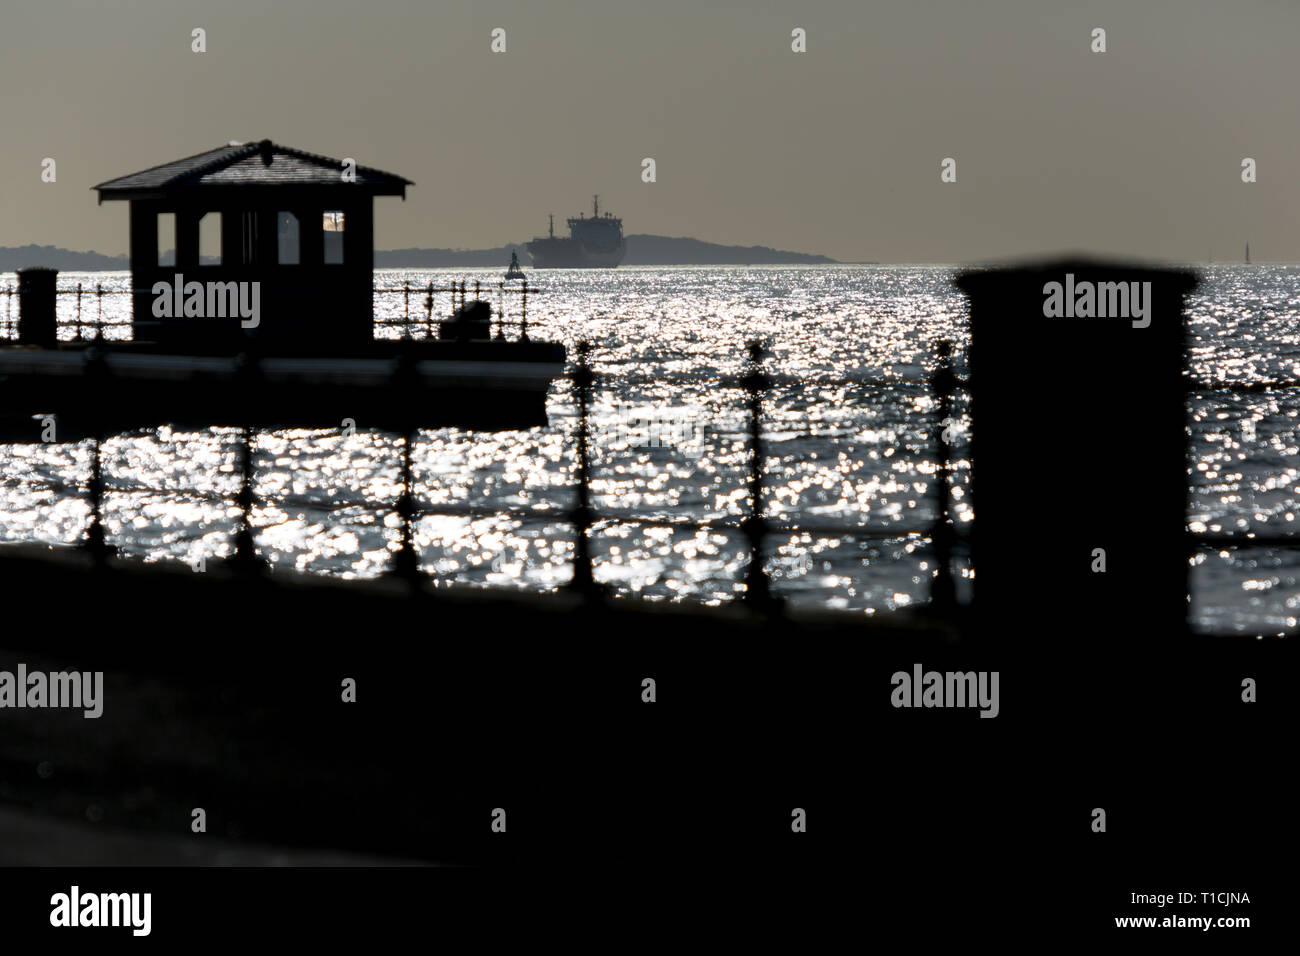 Strand, Meer, Geländer, Bürgersteig, Verteidigung, difence, Straße, Silhouette, Sonnenlicht, auf, Hütte, Fußgänger, Schiff, den Solent, Knurrhahn, Isle of Wight, England, Vereinigtes Königreich, Stockbild